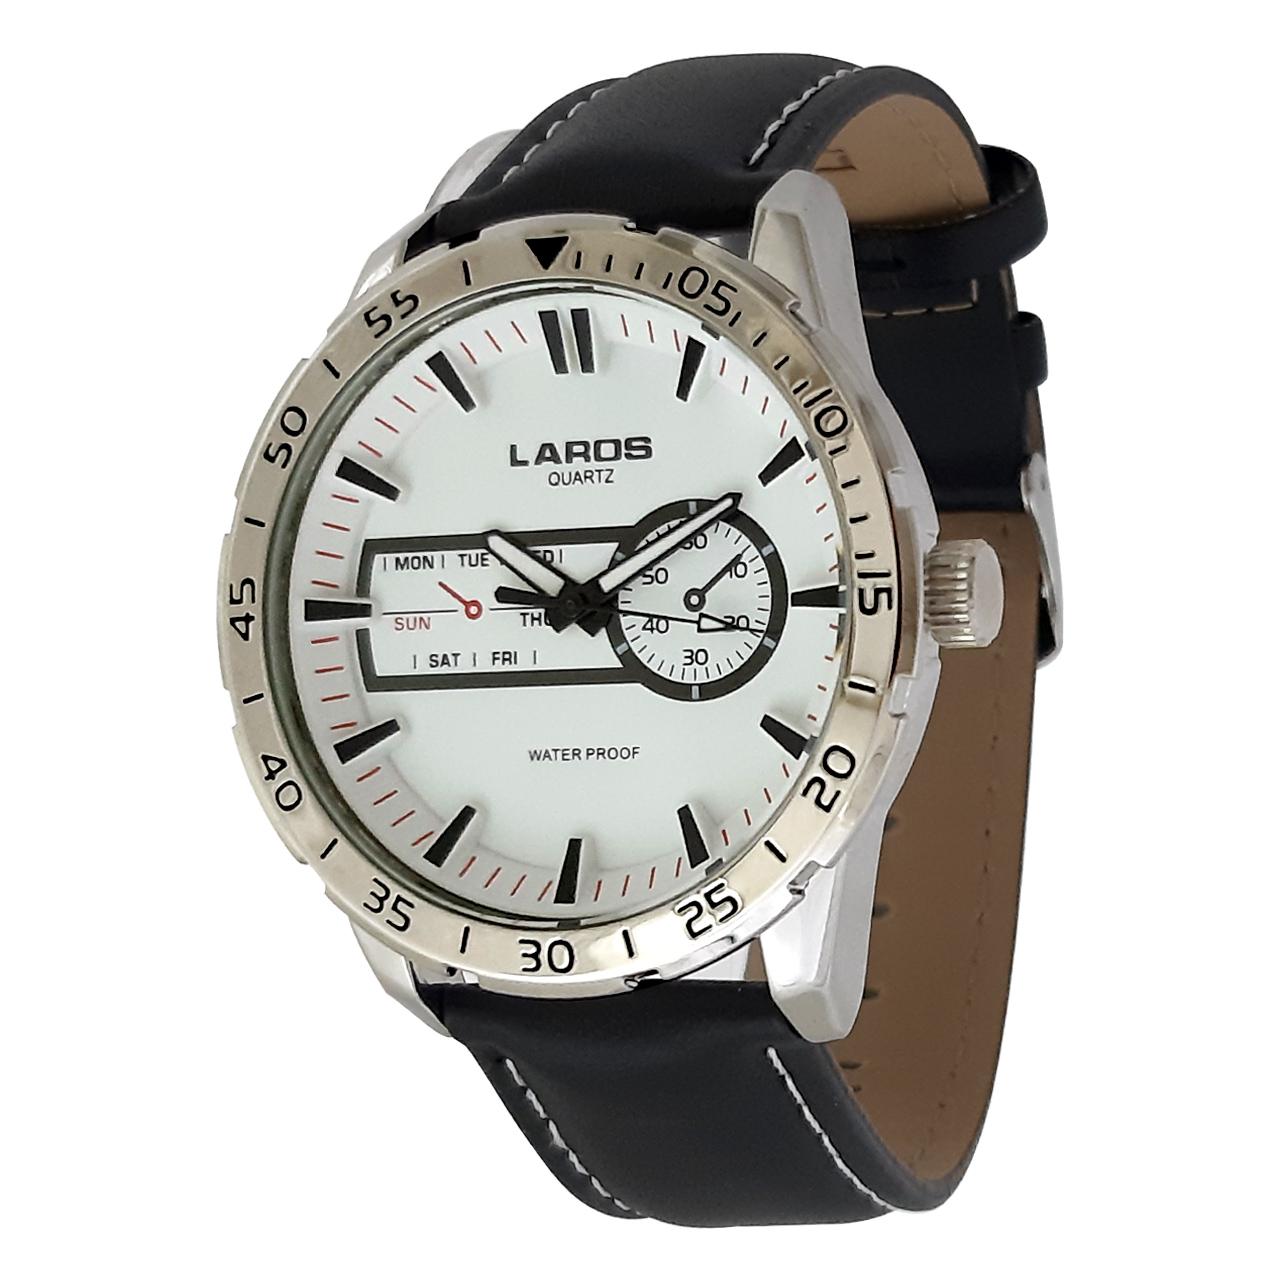 ساعت مچی عقربه ای مردانه لاروس مدل0916-79943-s به همراه دستمال مخصوص برند کلین واچ 30